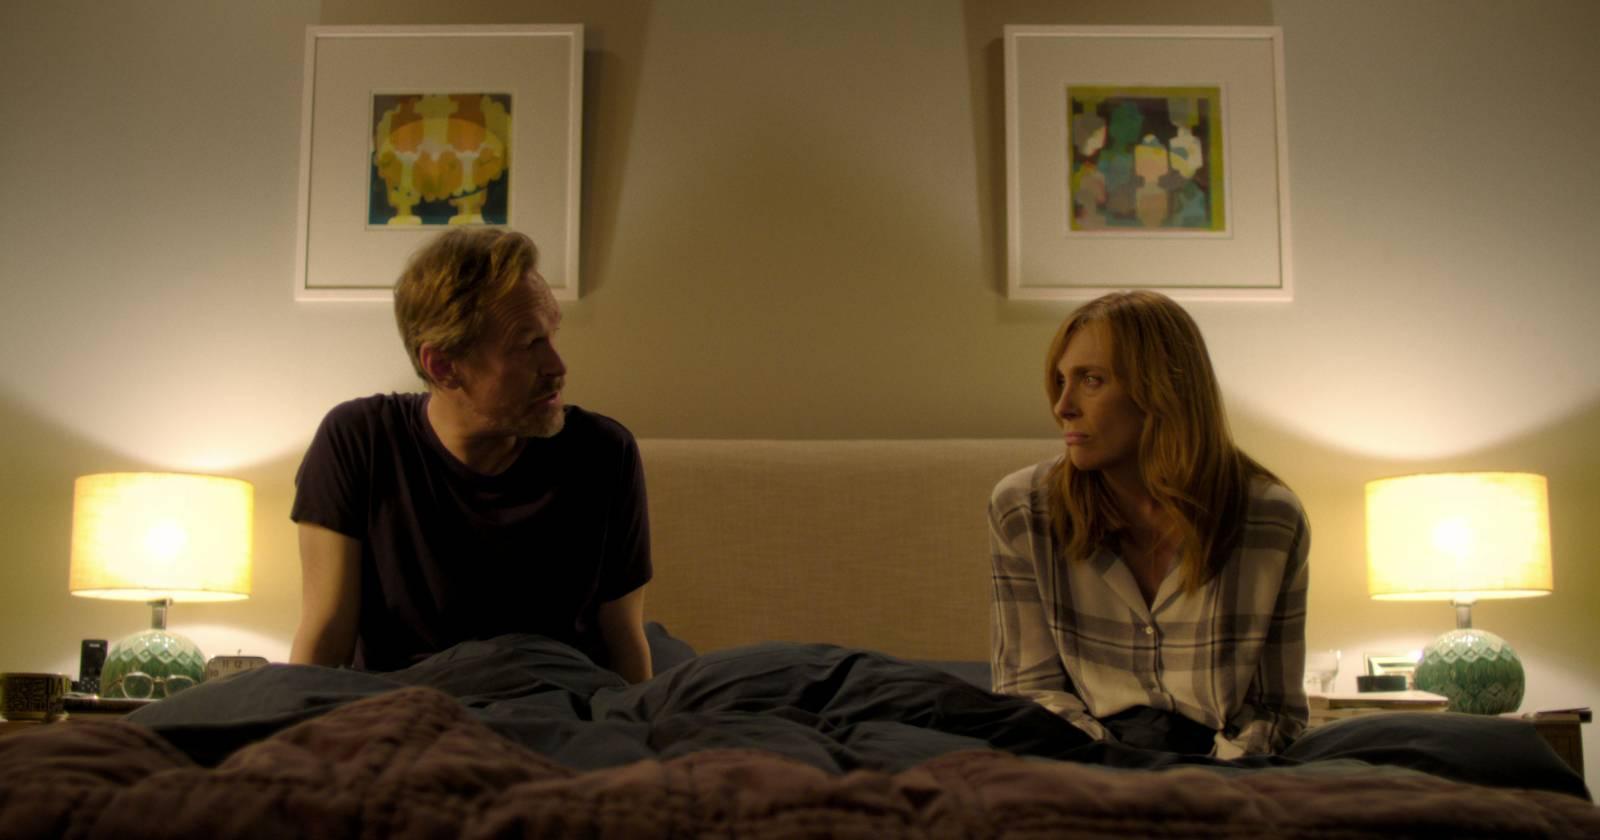 A la izquierda Steven Mackintosh como Alan, a la derecha Toni Collette como Joy. Ambos sentados en la cama conversando. En Wanderlust, serie original de Netflix.